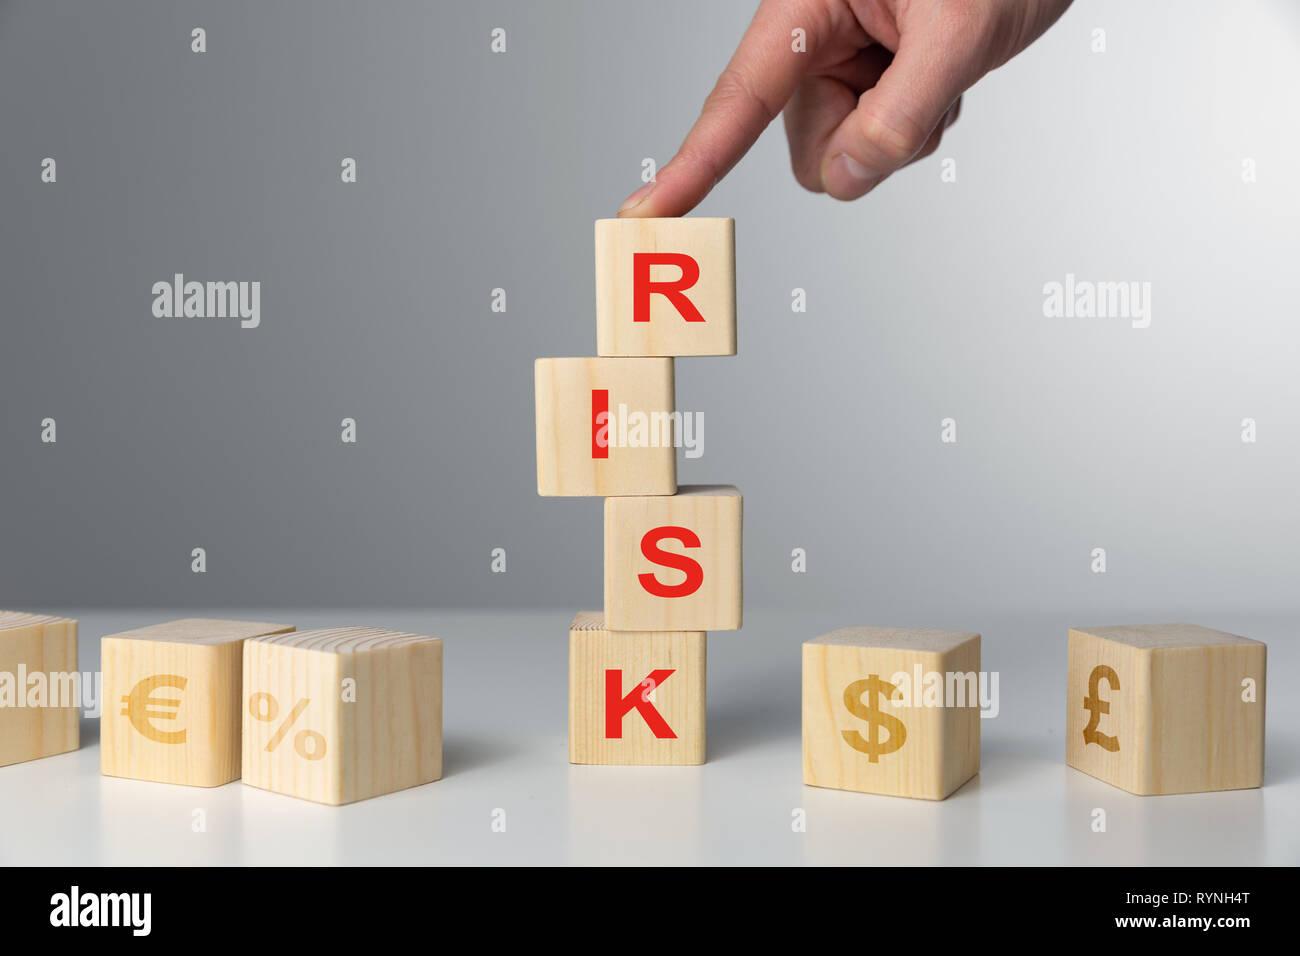 Hand halten Holzwürfel mit Gefahr Wort. Risk Management Konzept. Stockfoto